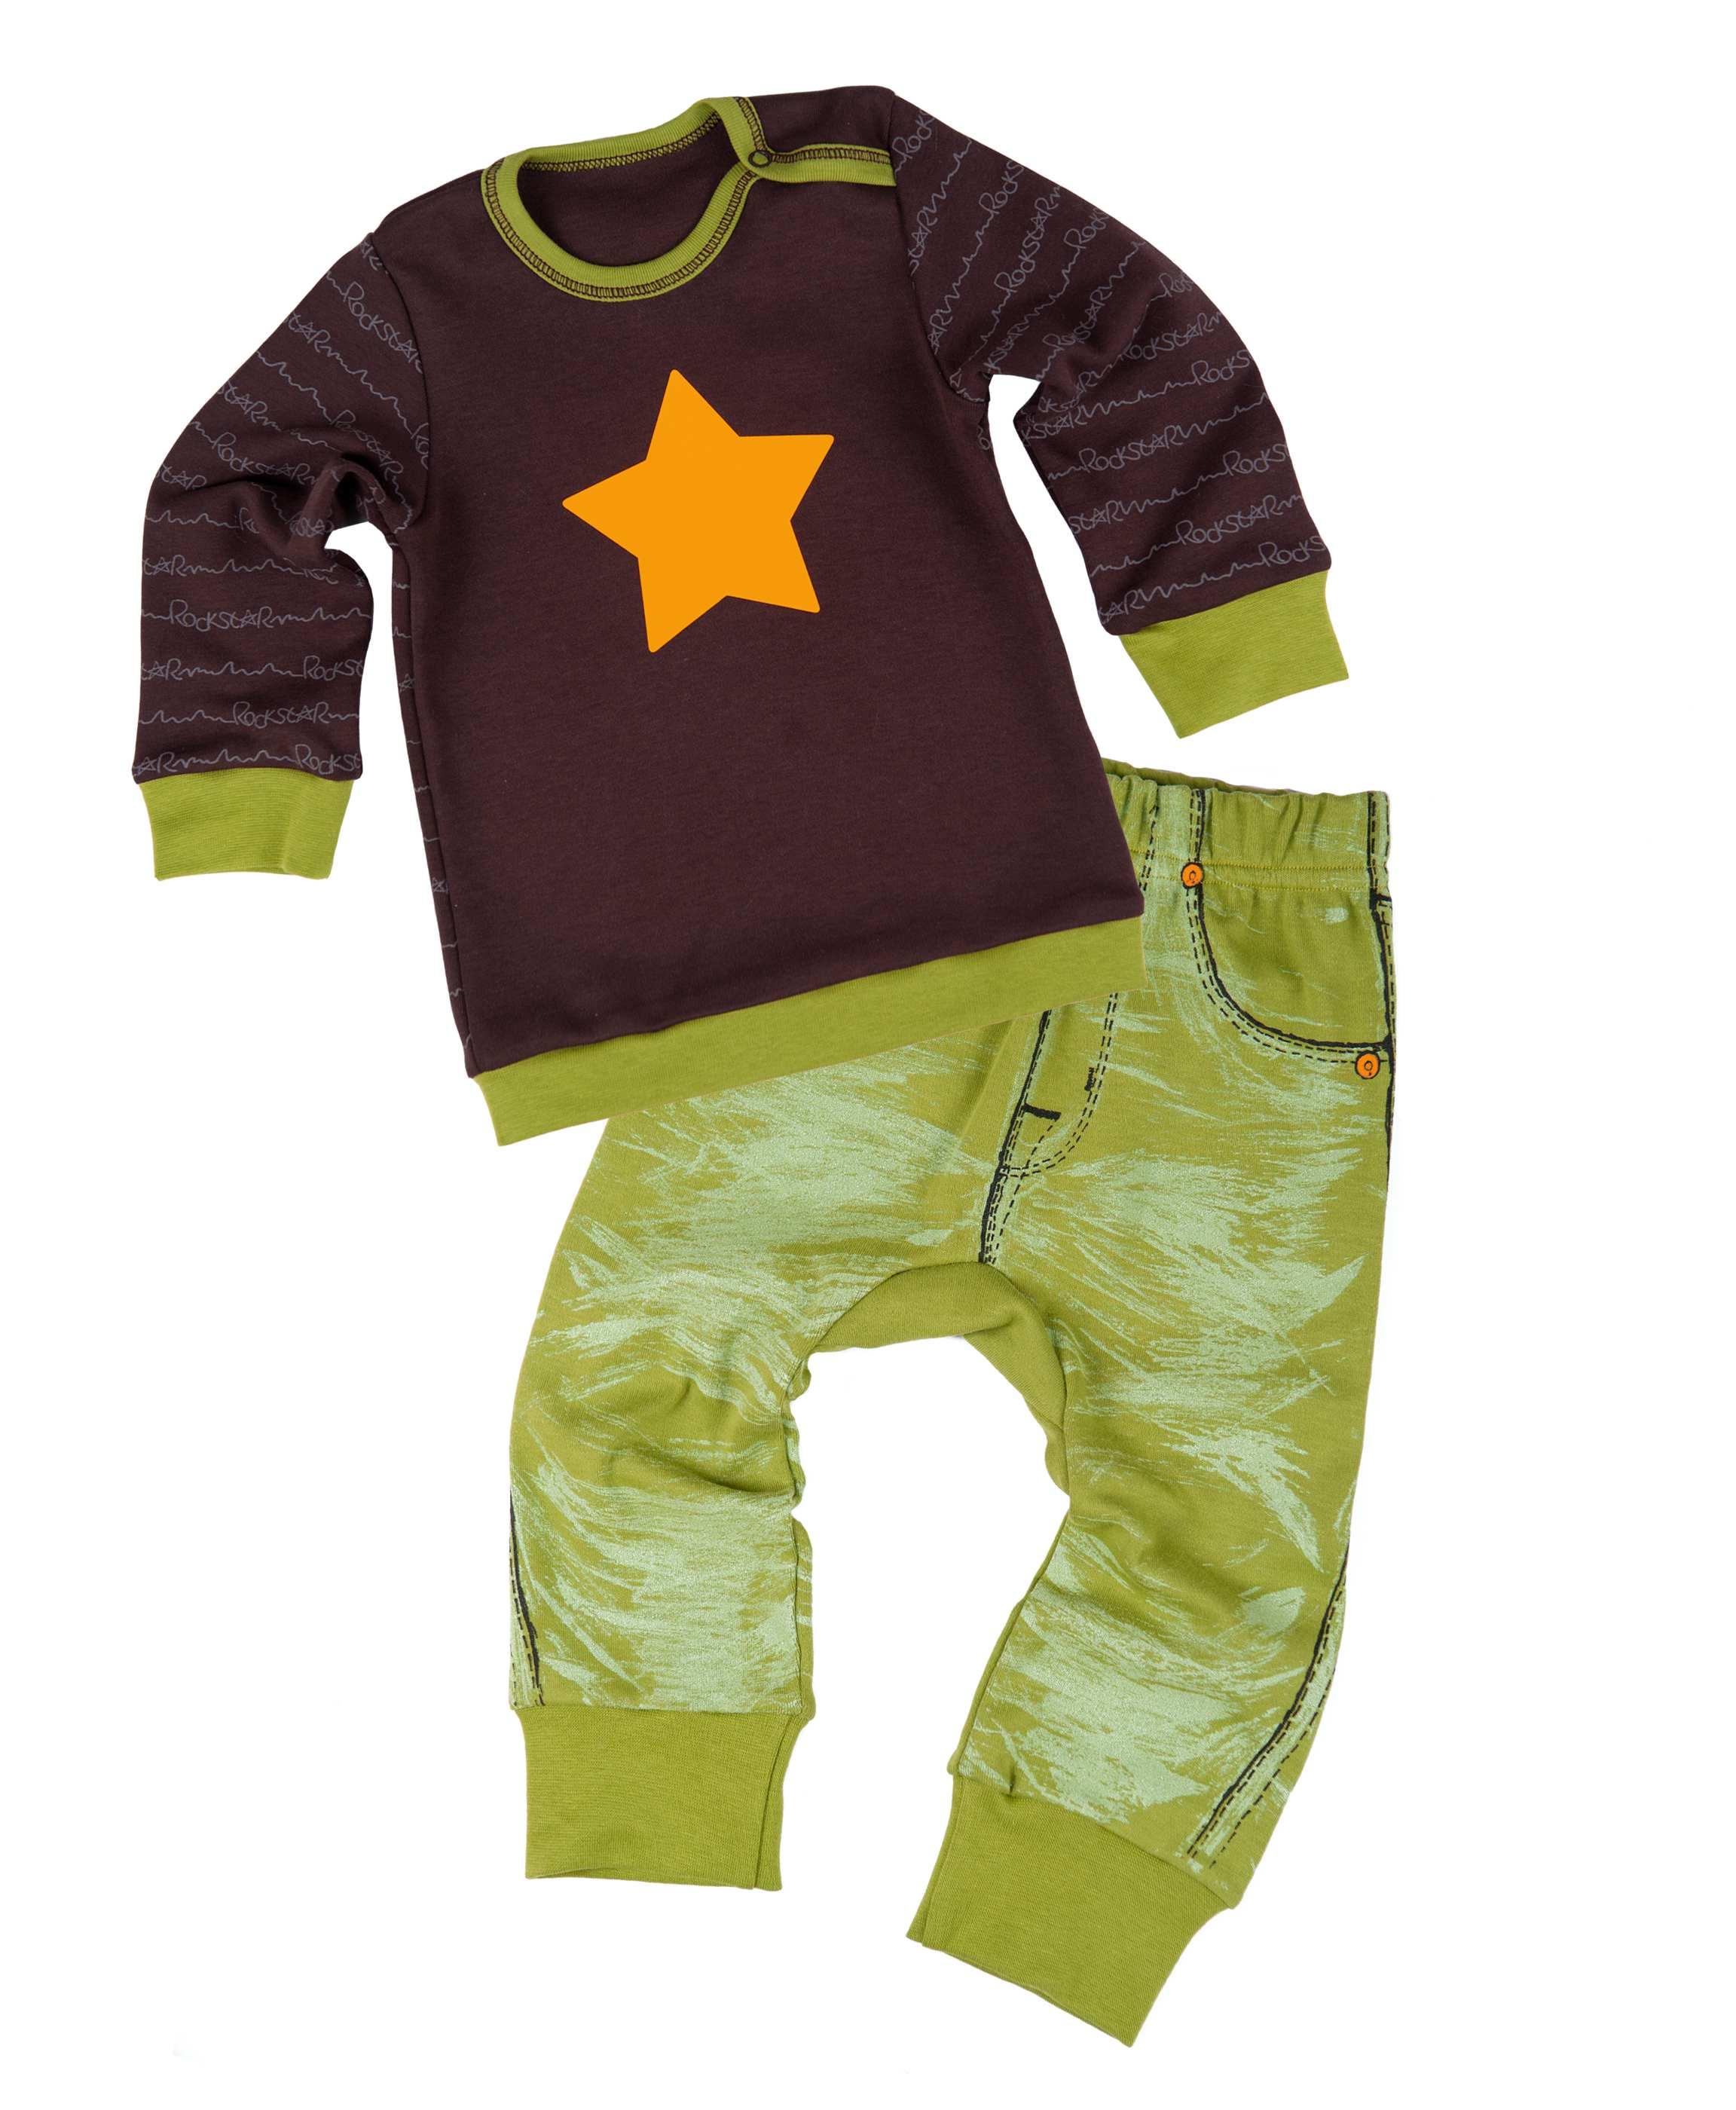 Сбор заказов. Vataga - самая детская одежда! Стильно и недорого. Экспресс-сбор. Новые коллекции. Выкуп 5.